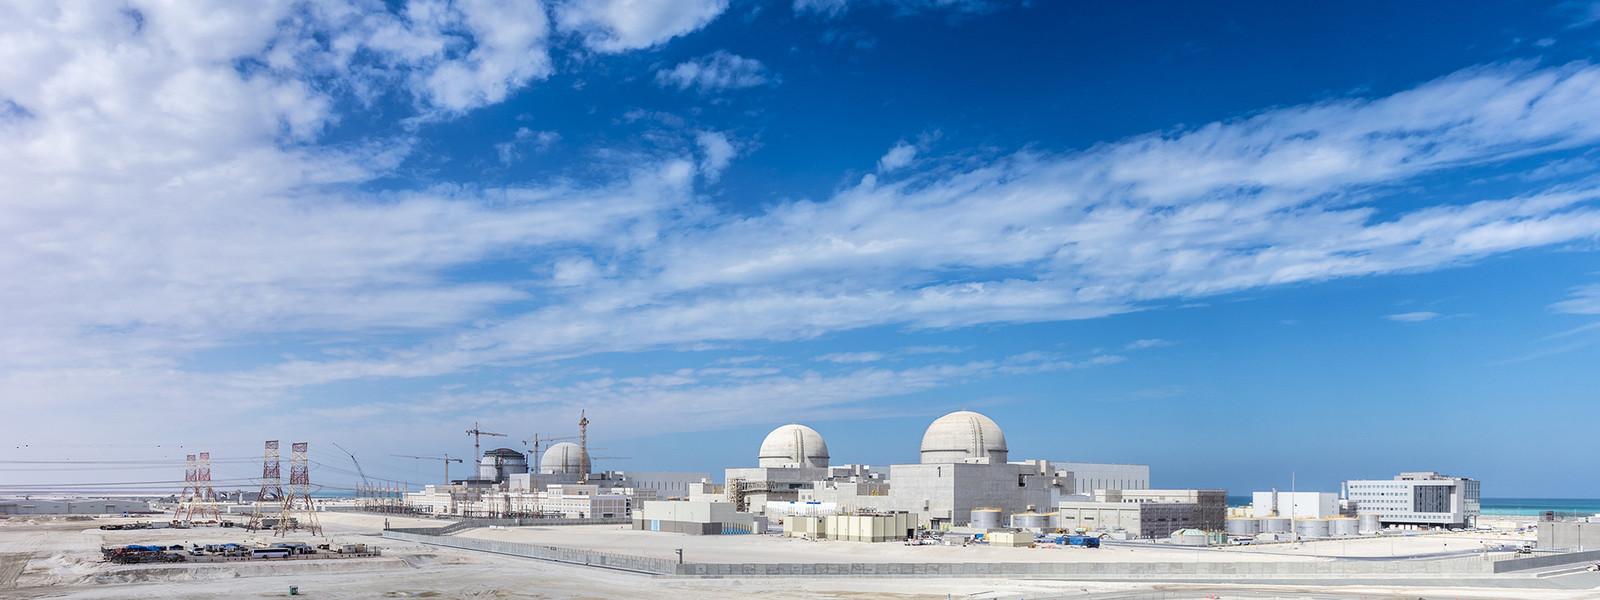 الإمارات ترفض المزاعم القطرية حول محطة براكة للطاقة النووية